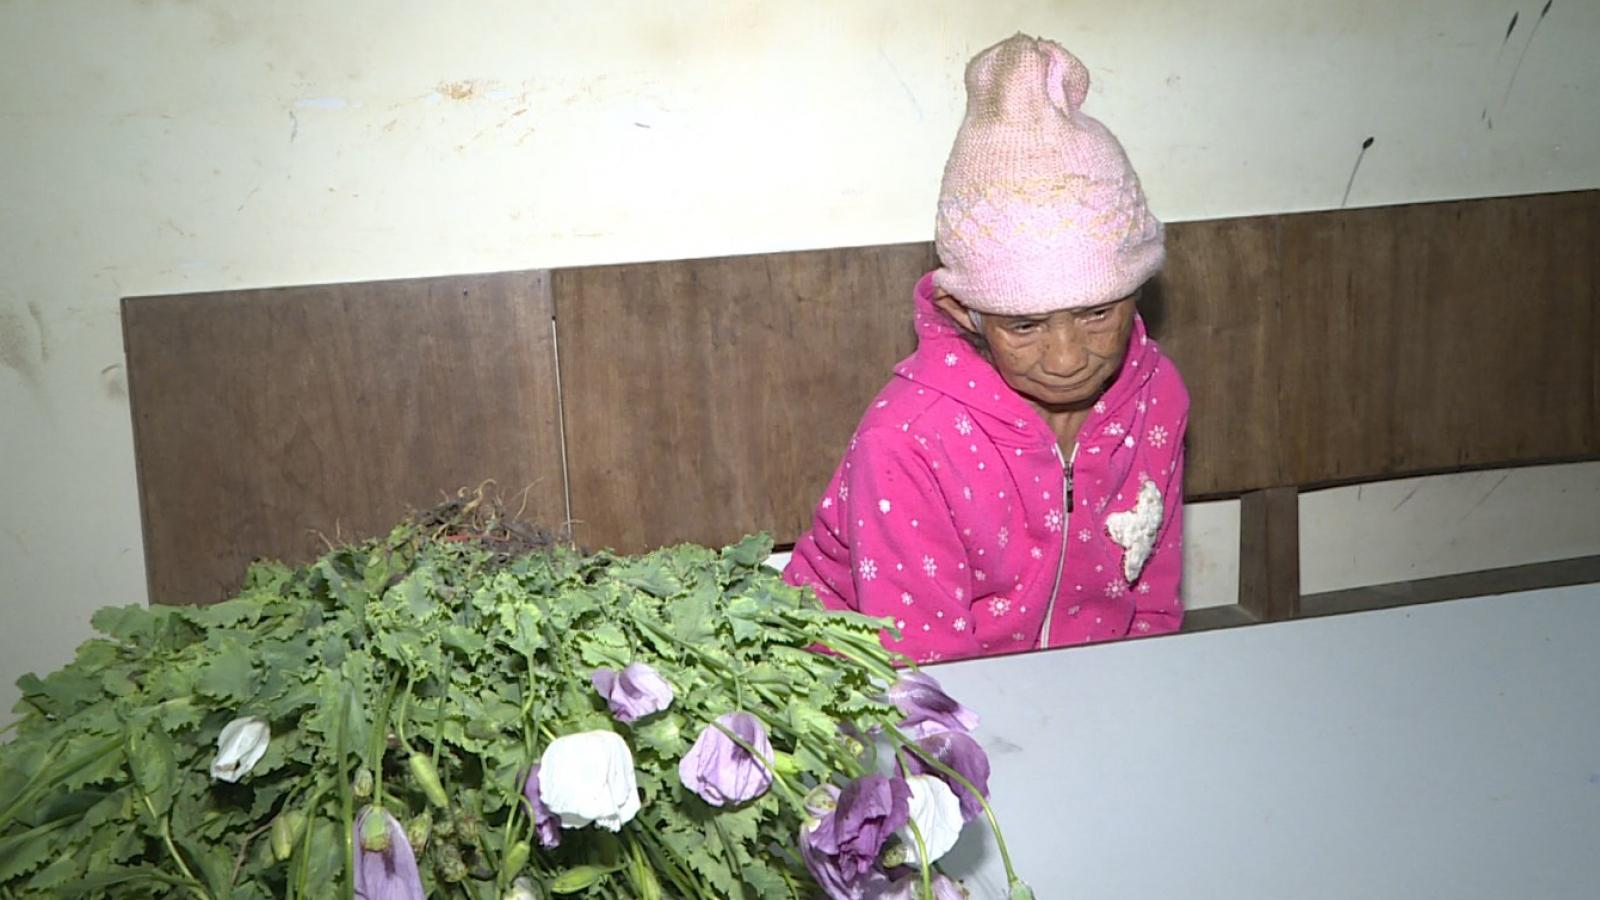 Nóng 24h: Phát hiện đối tượng 86 tuổi trồng 200 cây thuốc phiện trên nương